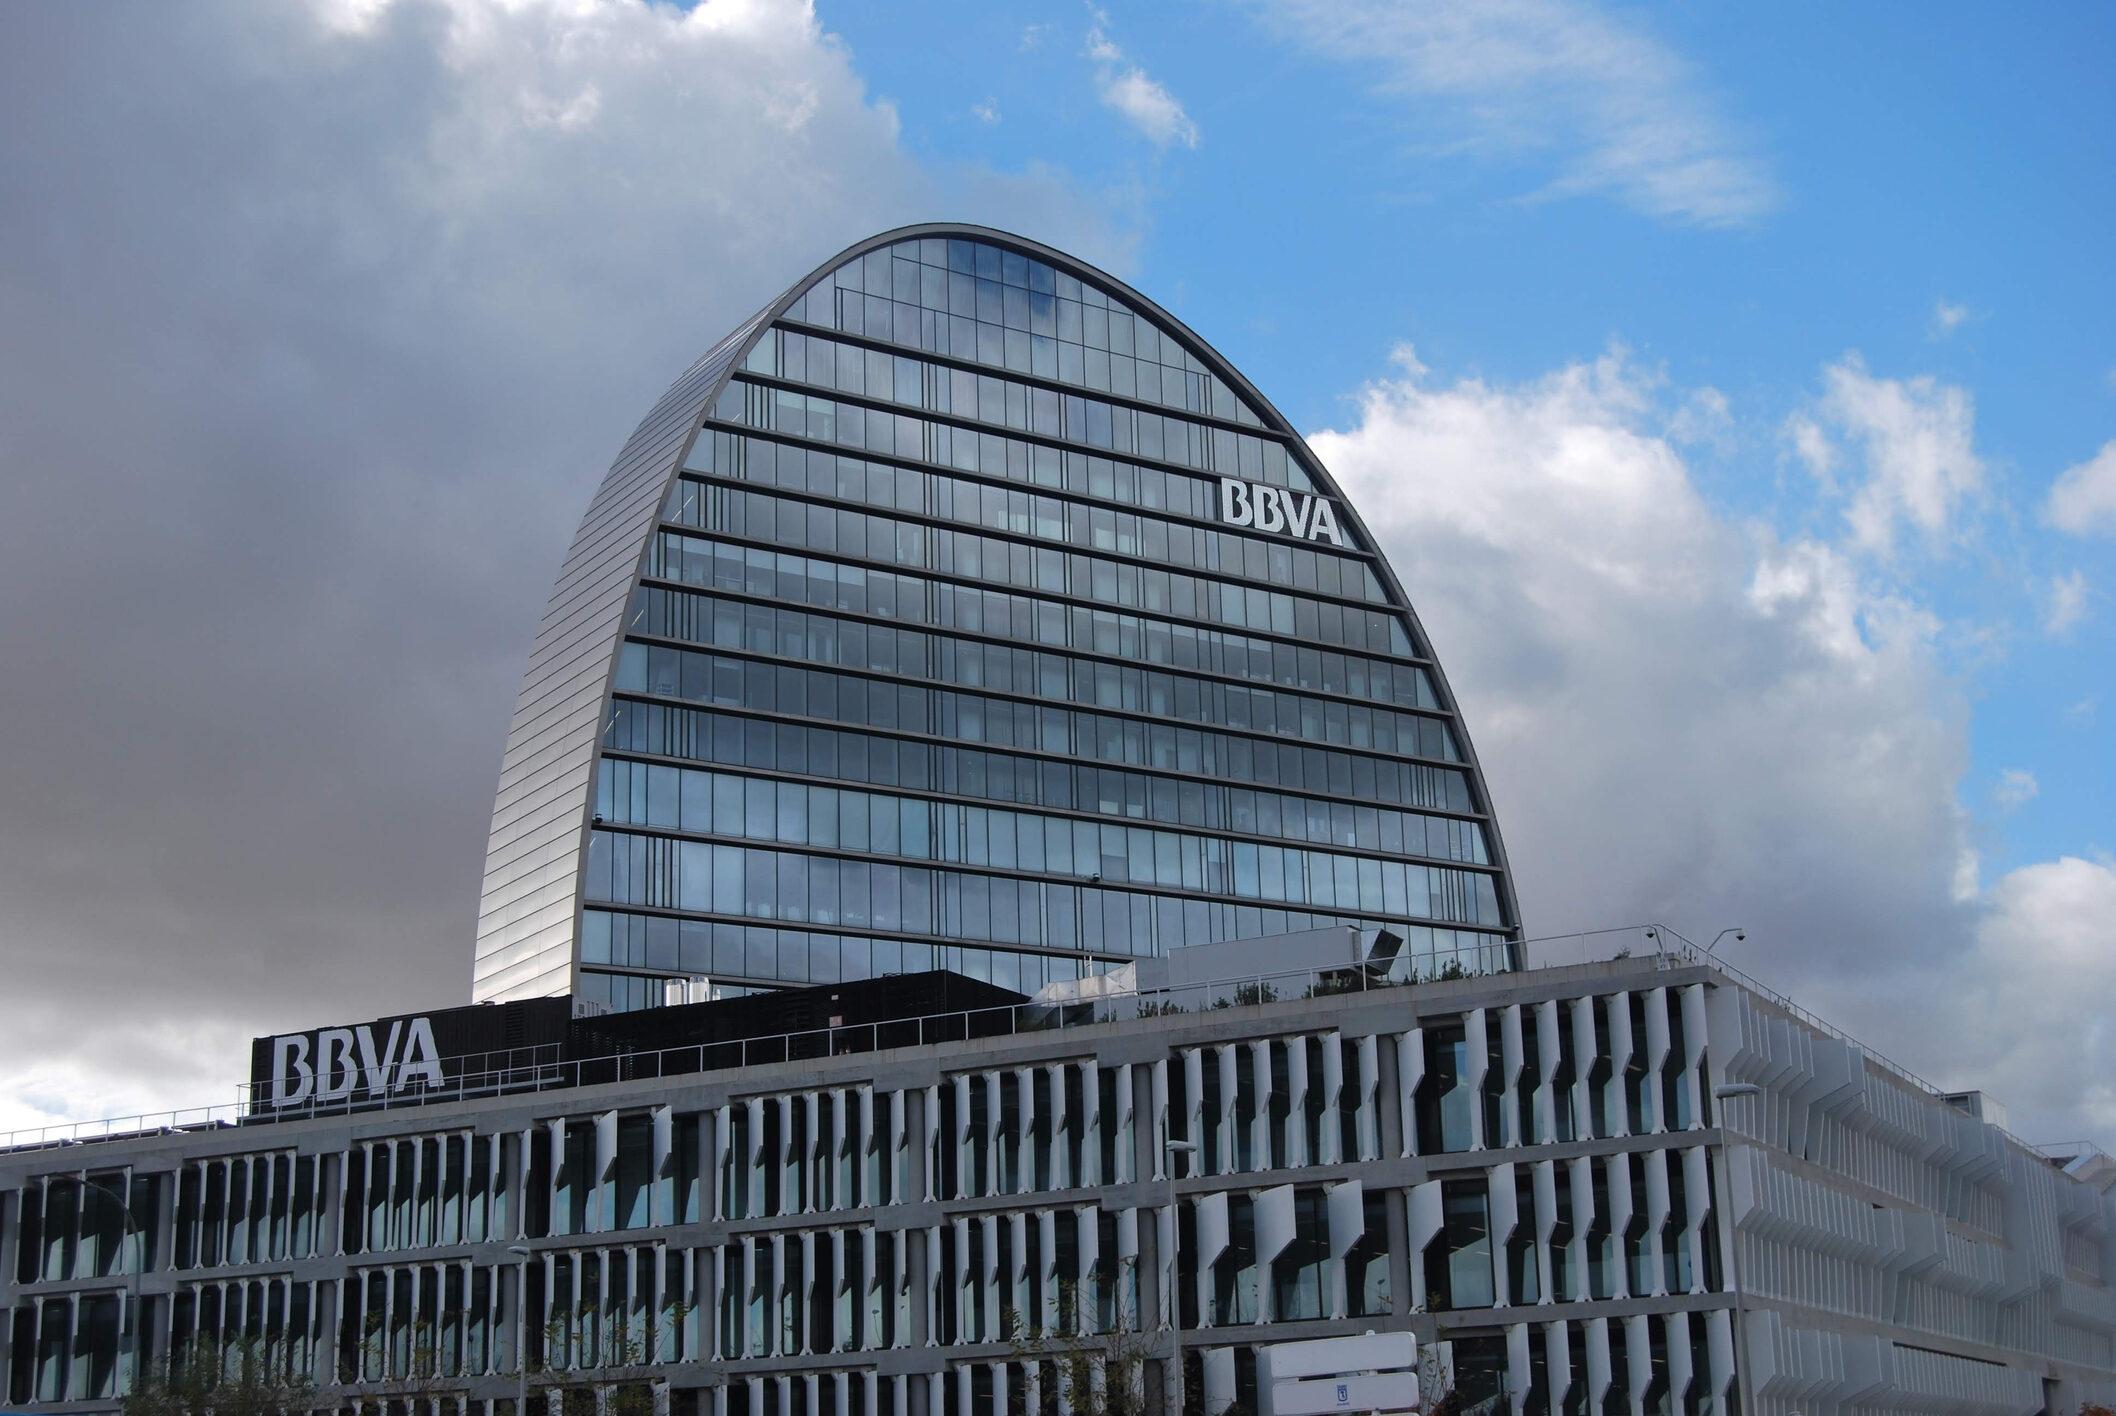 La Agencia Española de Protección de Datos (AEPD) impone a BBVA la primera multa en España a un banco por infracción del RGPD